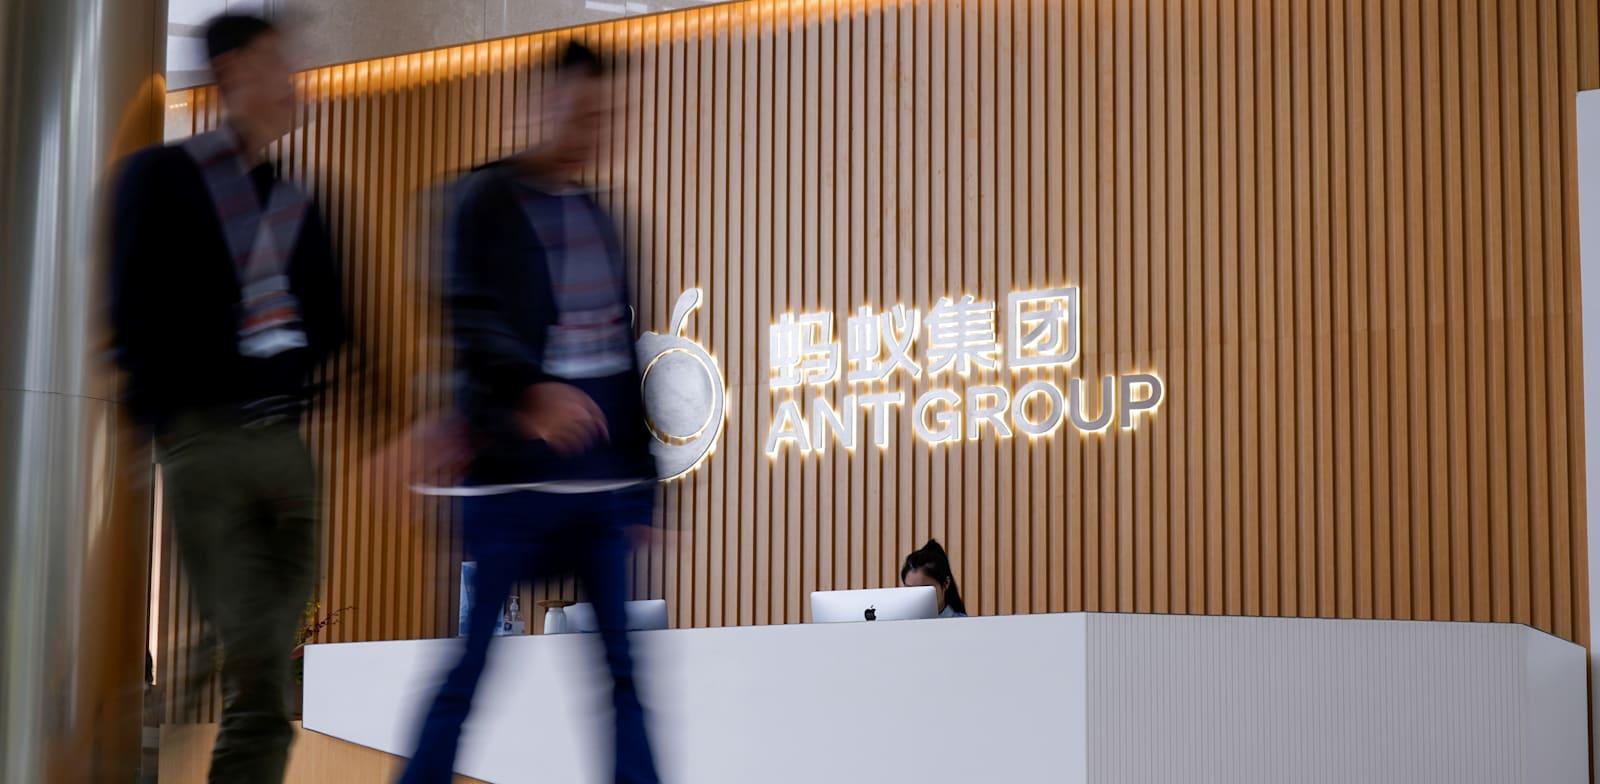 הכניסה למטה אנט גרופ בסין / צילום: Reuters, Aly Song